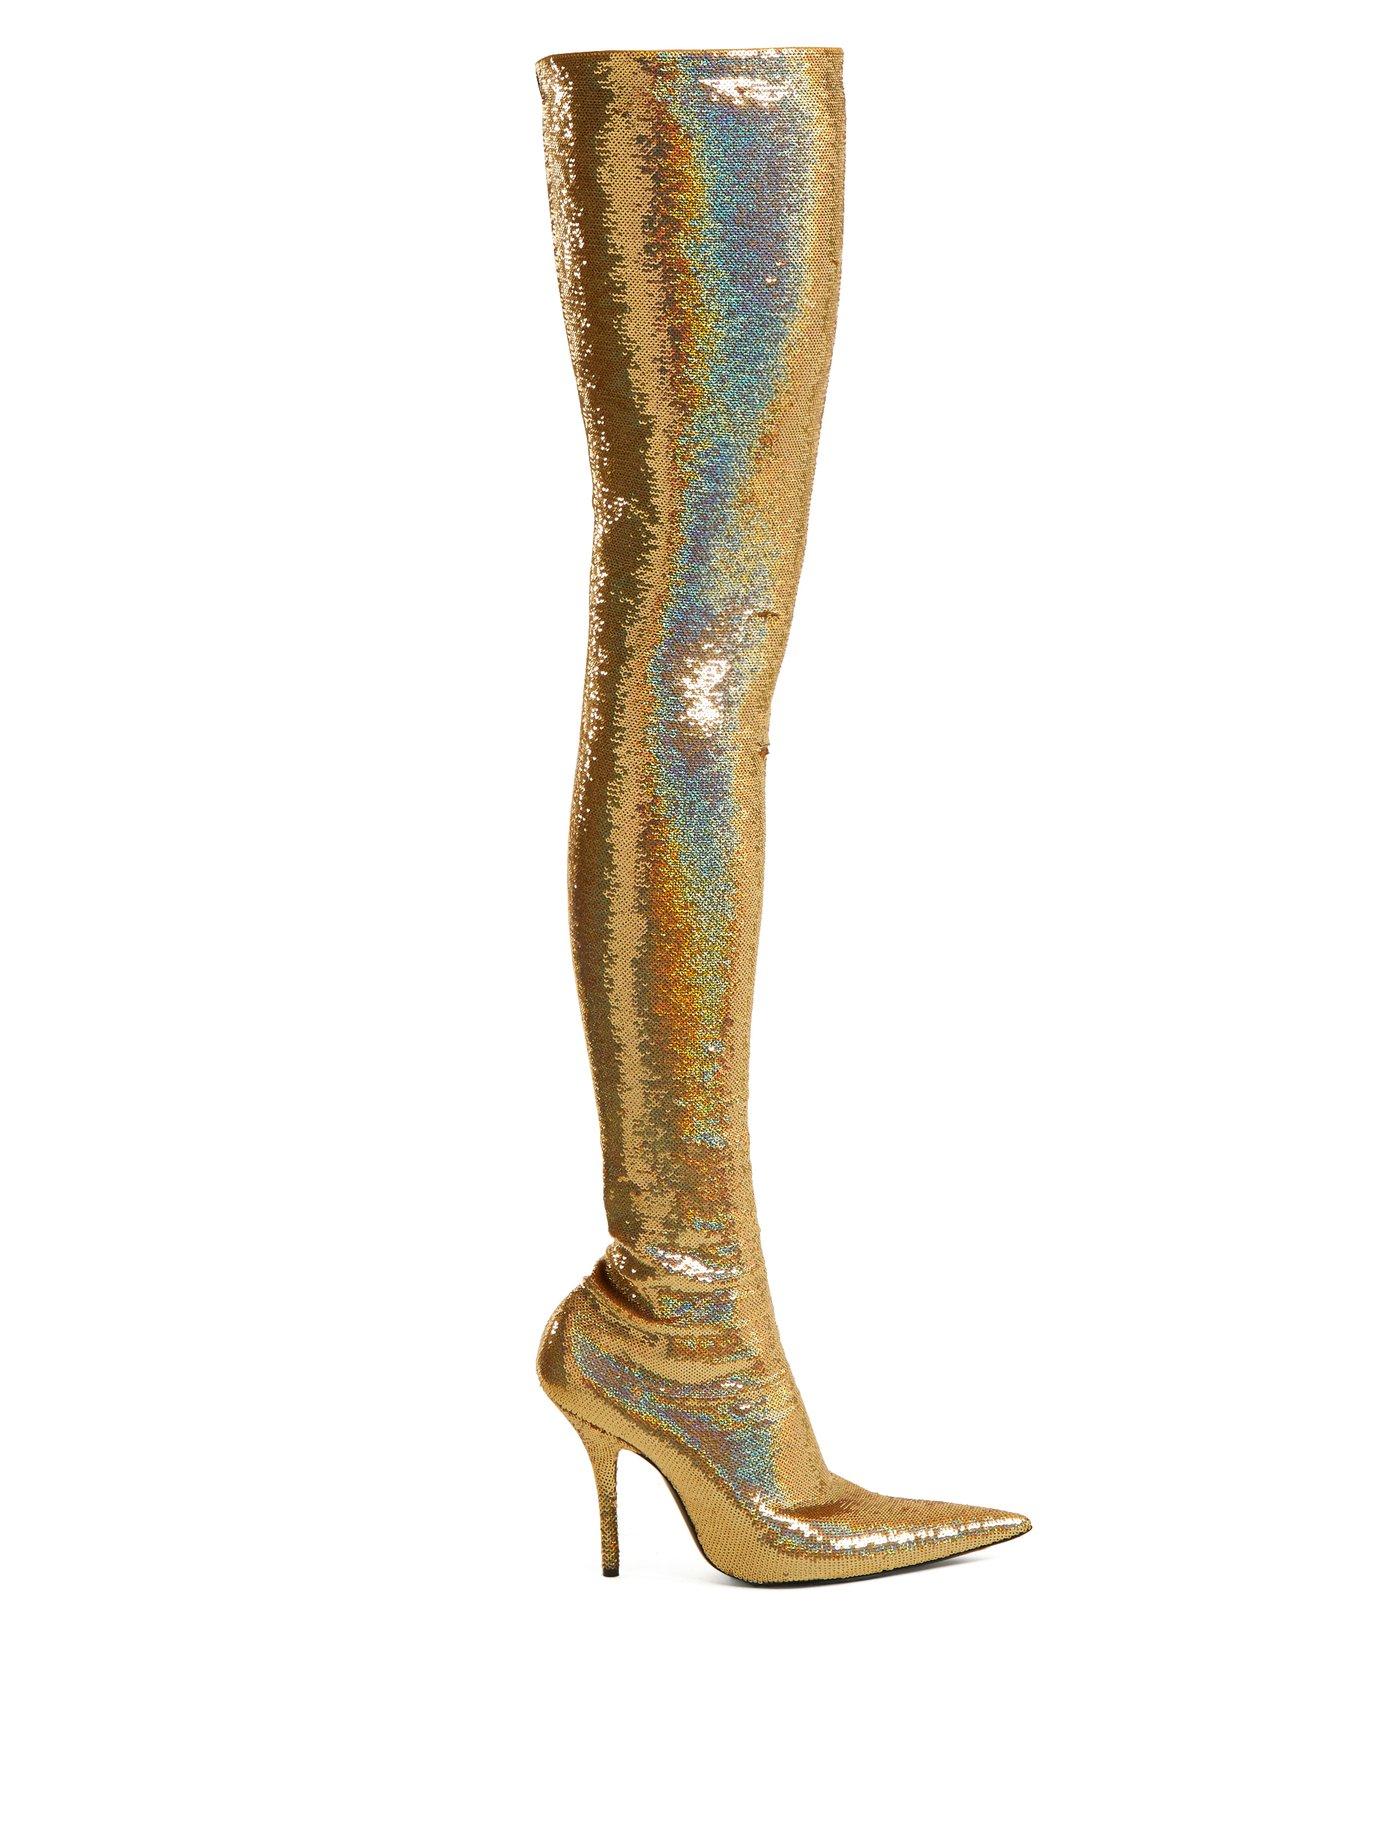 Michelle Obama indossa stivali olografici per presentare il suo libro.